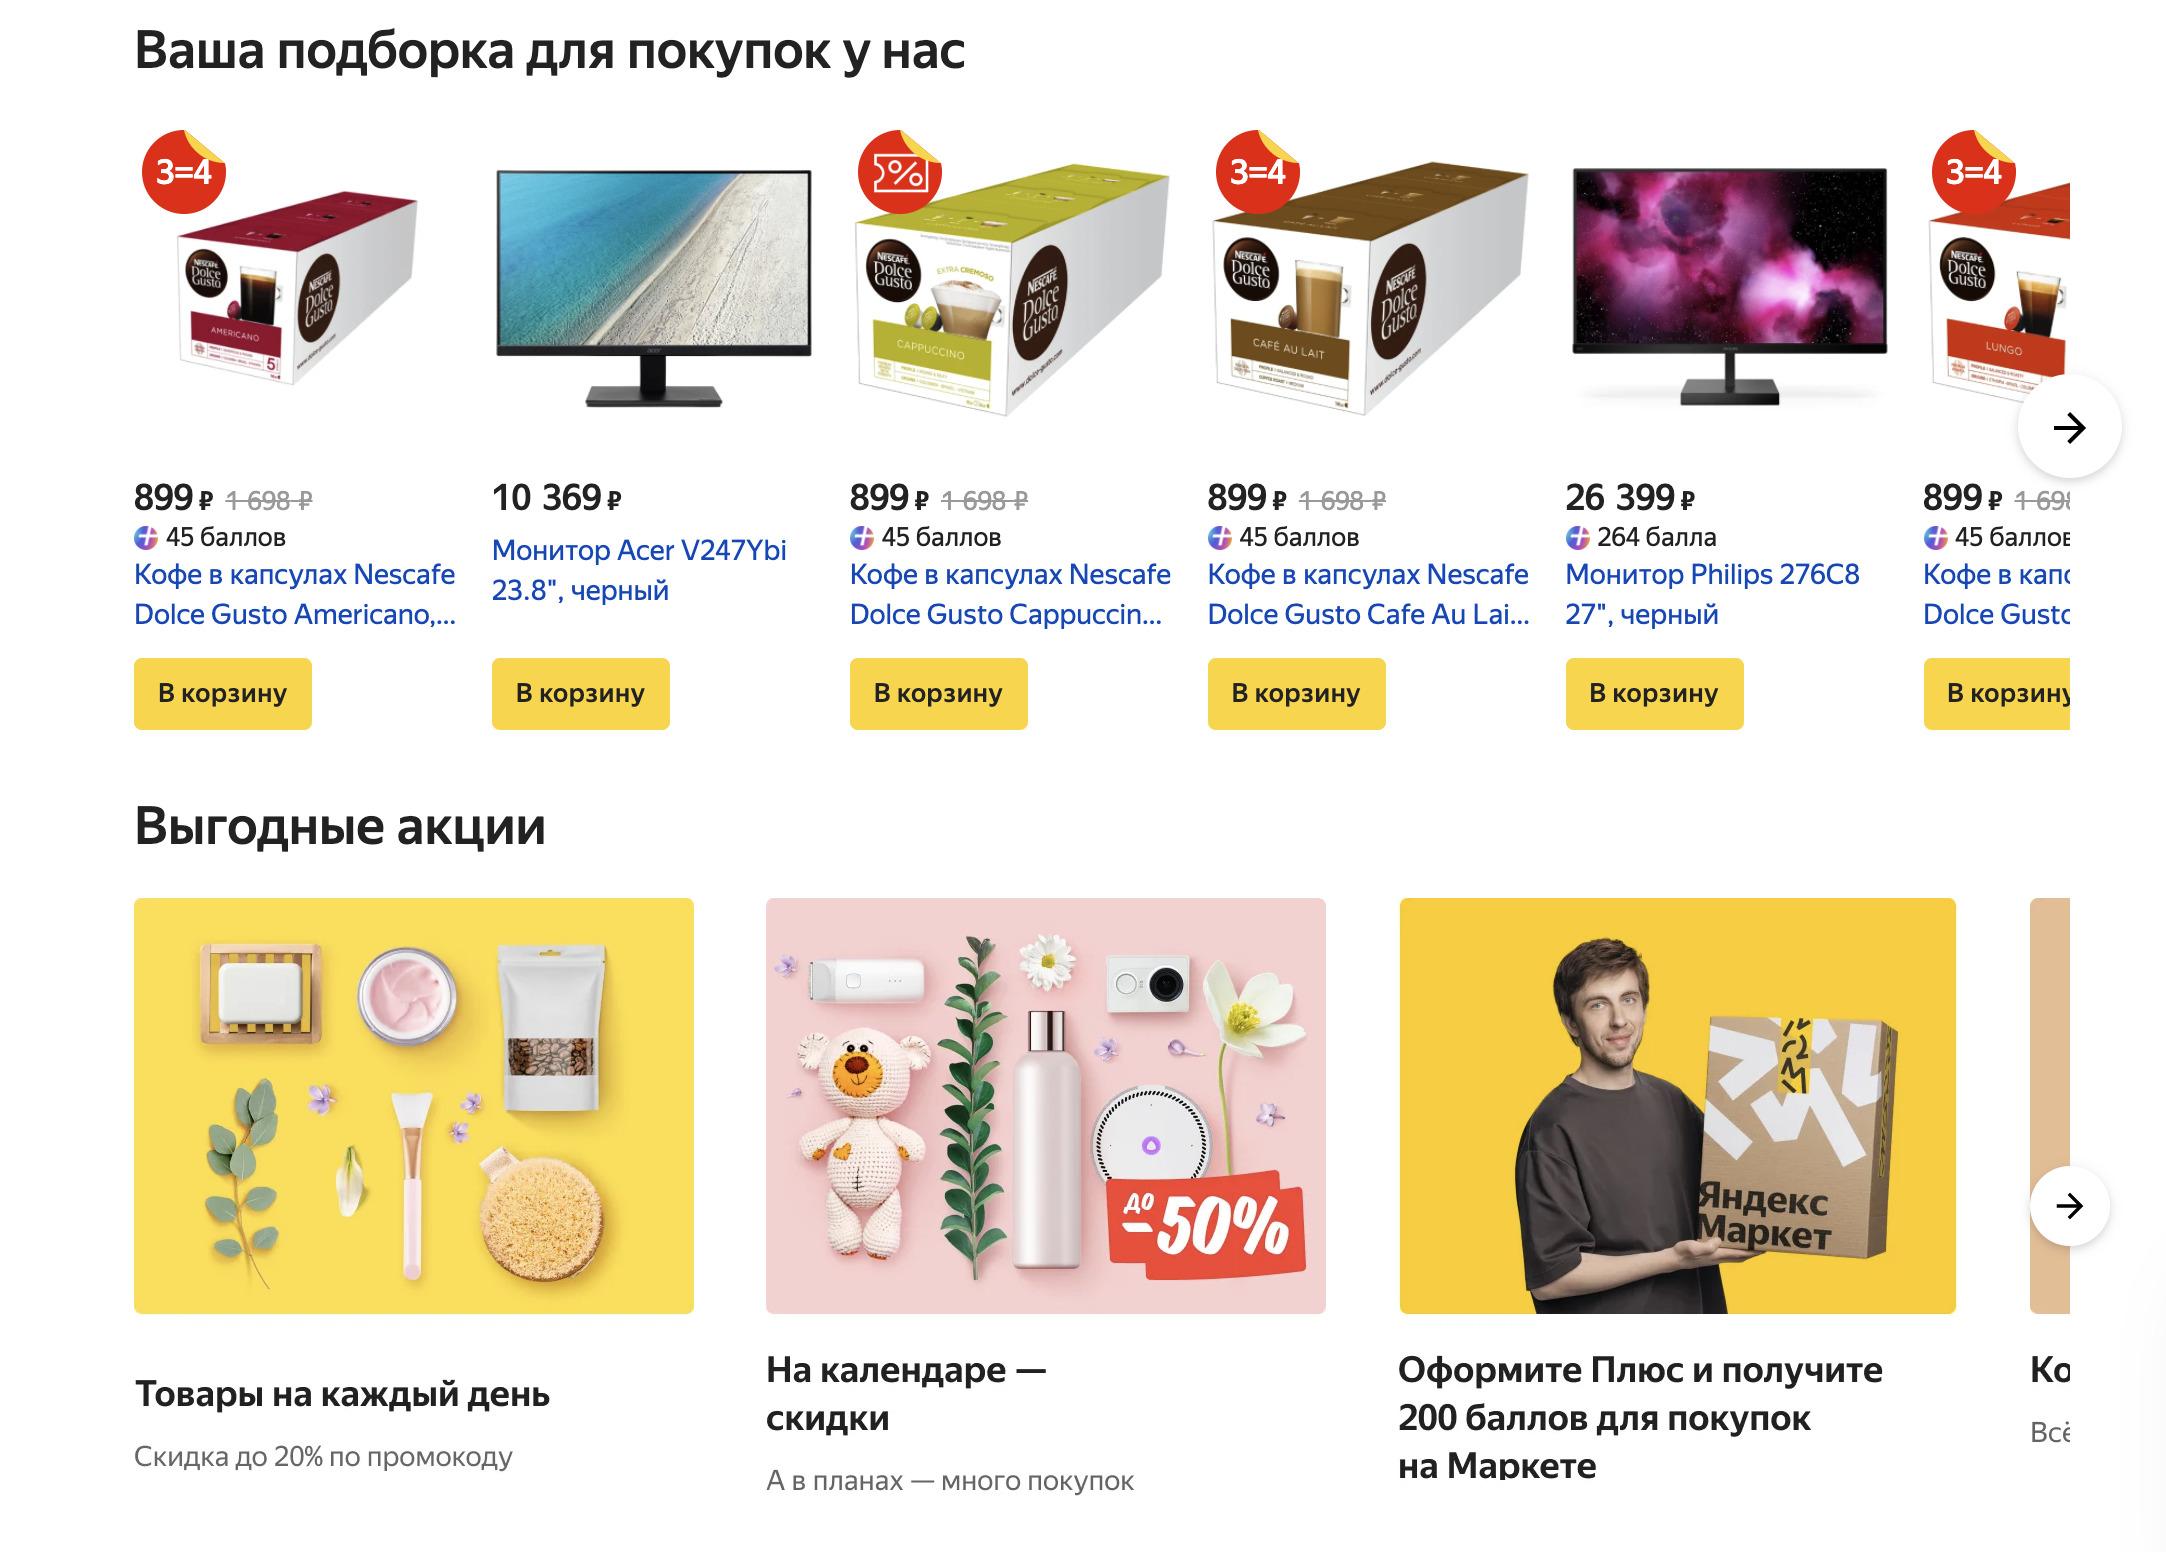 Доставка из Яндекс.Маркет в Майкоп, сроки, пункты выдачи, каталог